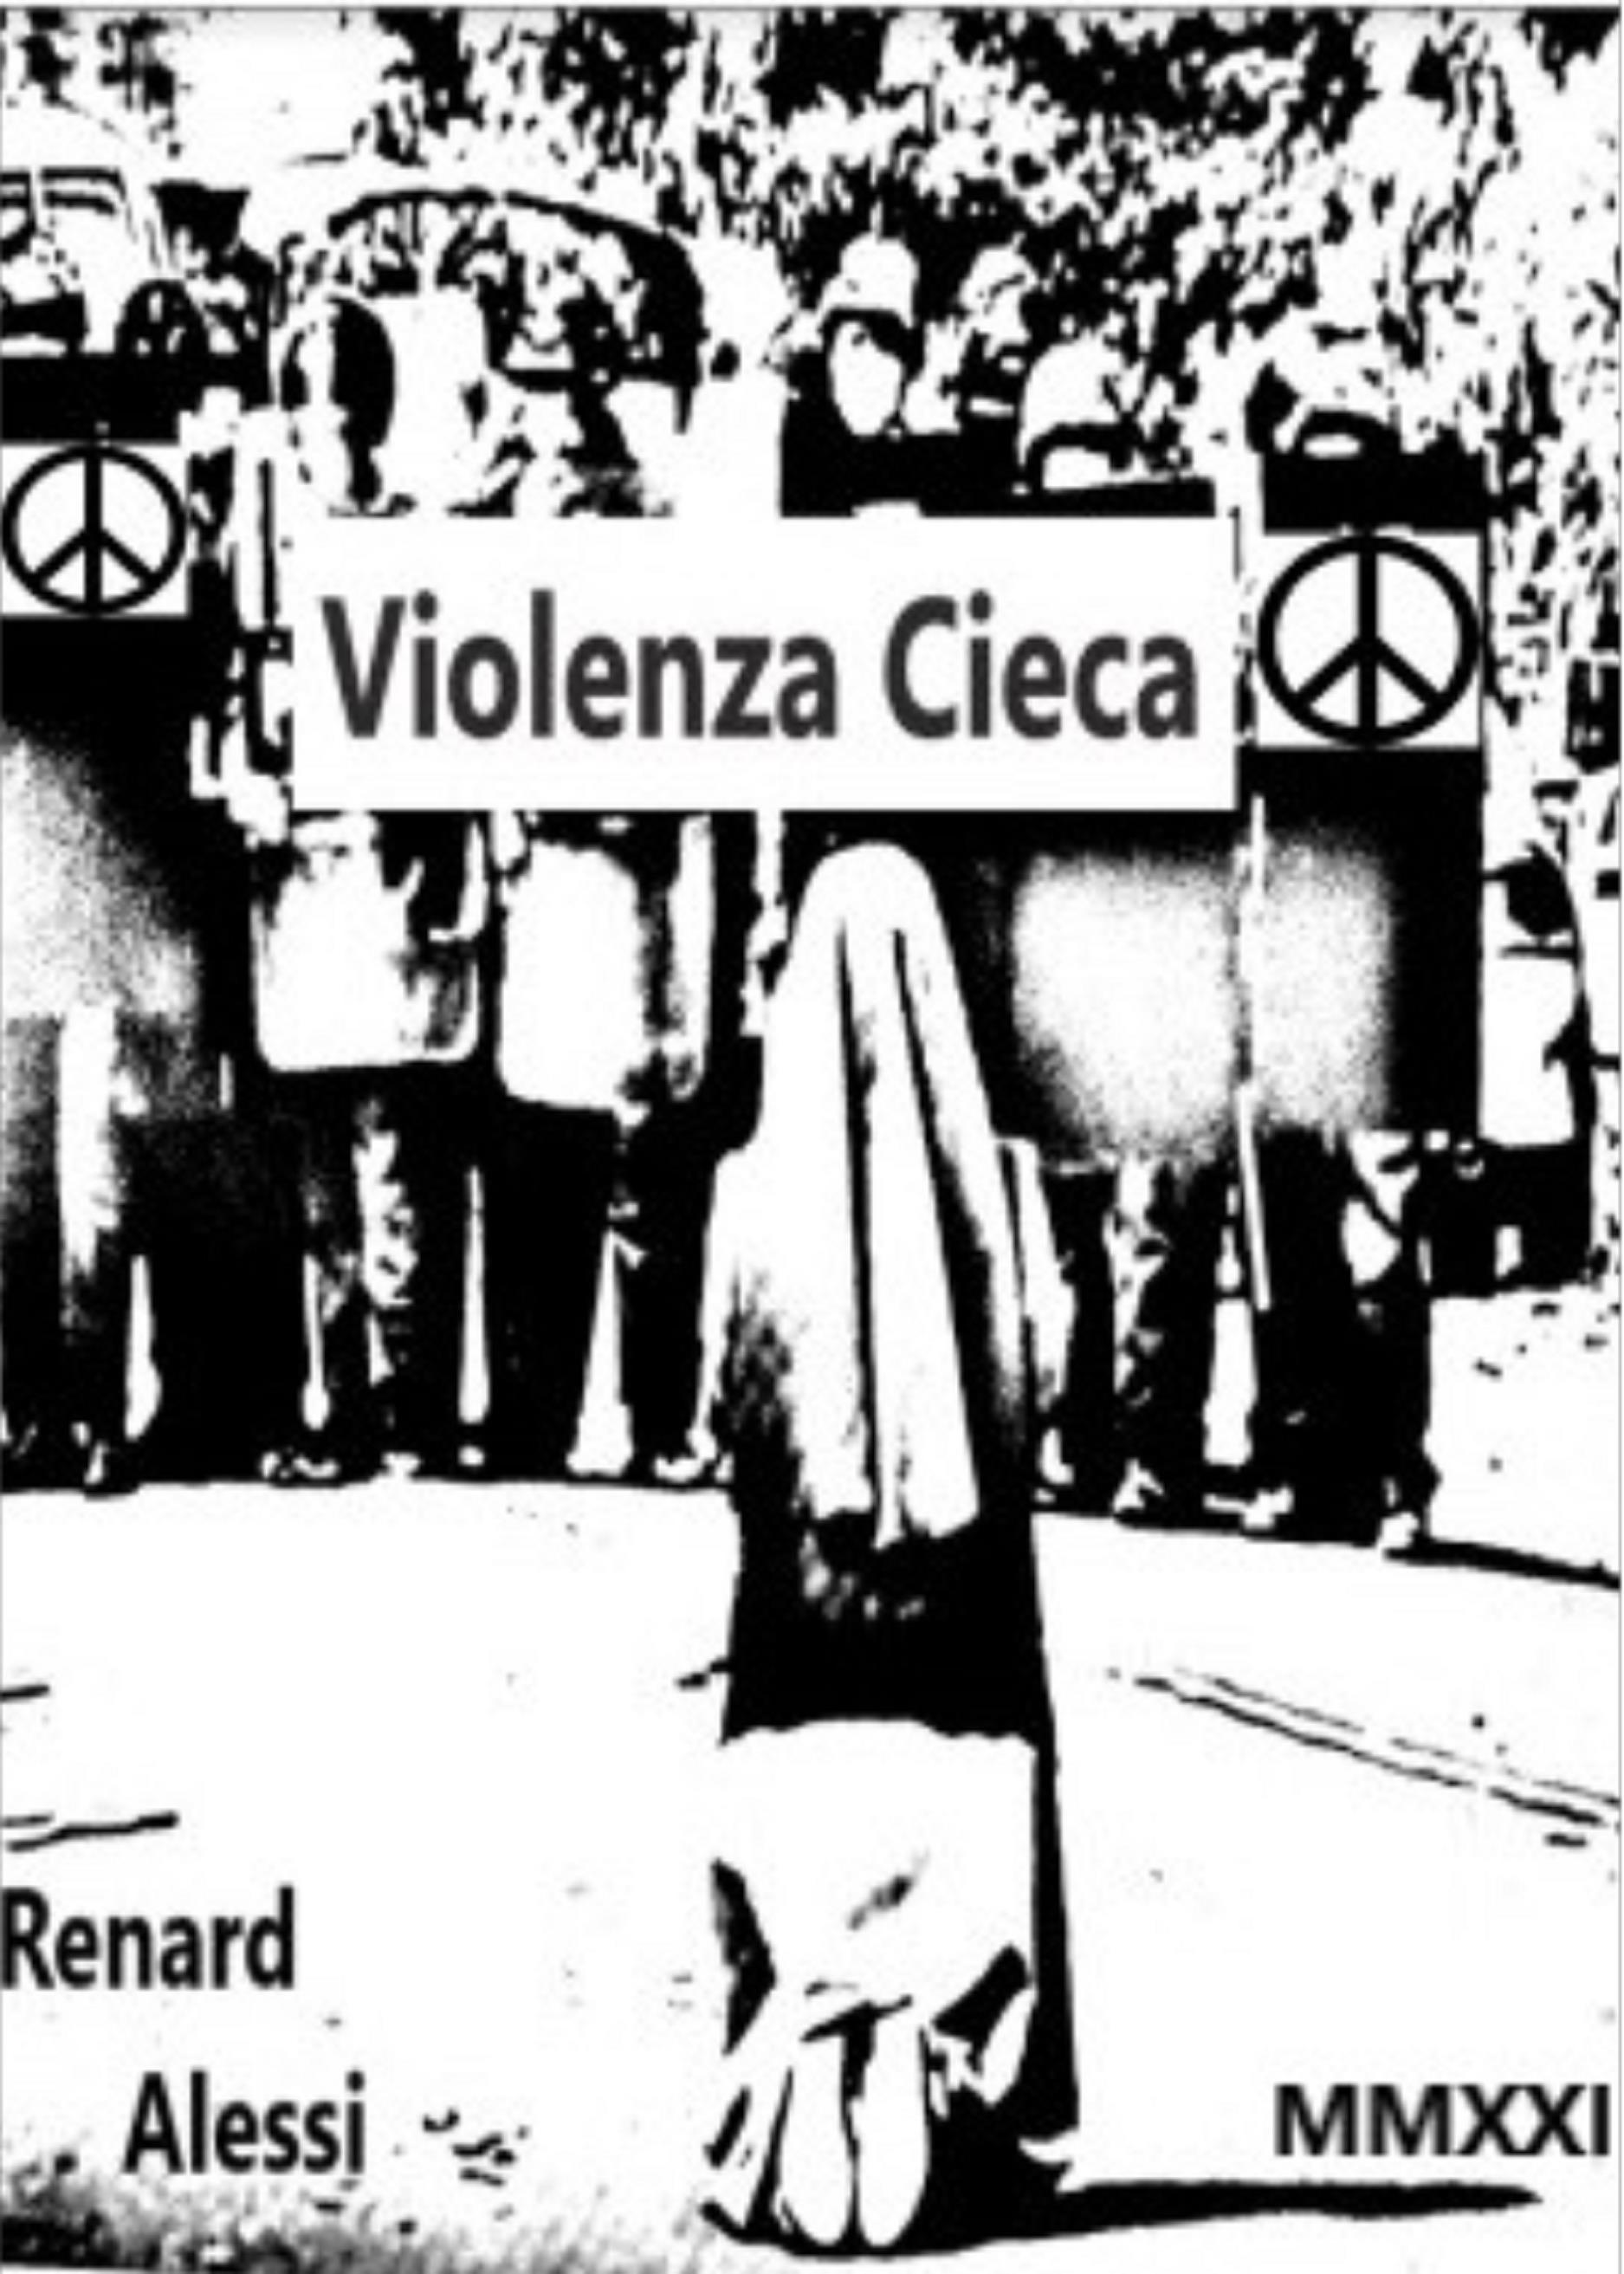 Violenza Cieca